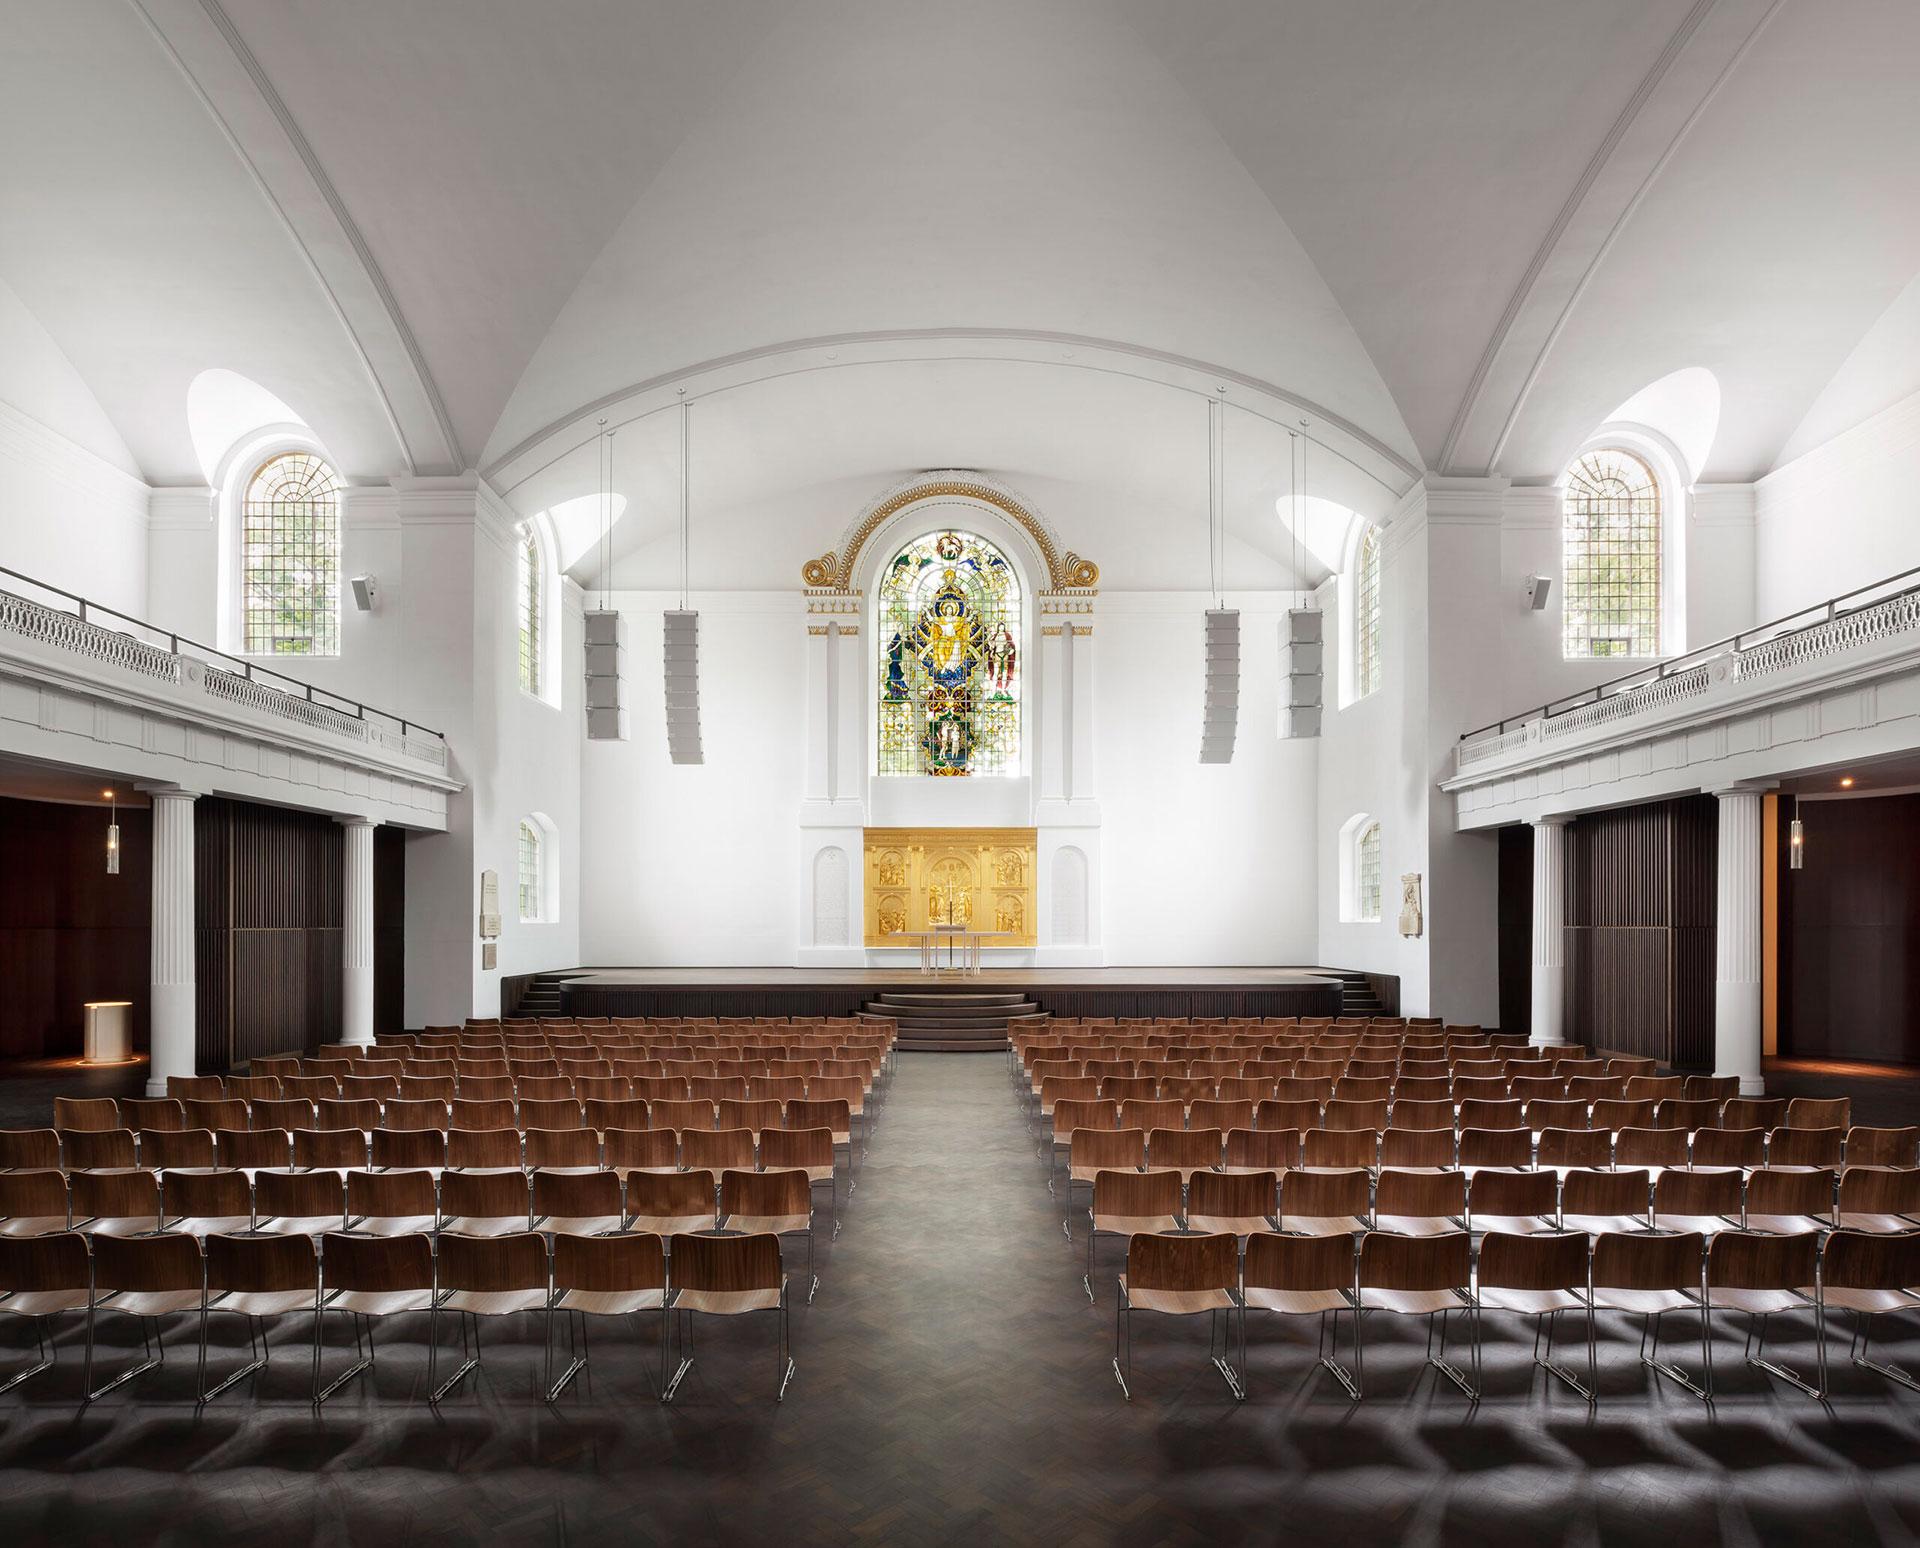 Джон Поусон обновил интерьеры церкви в Восточном Лондоне